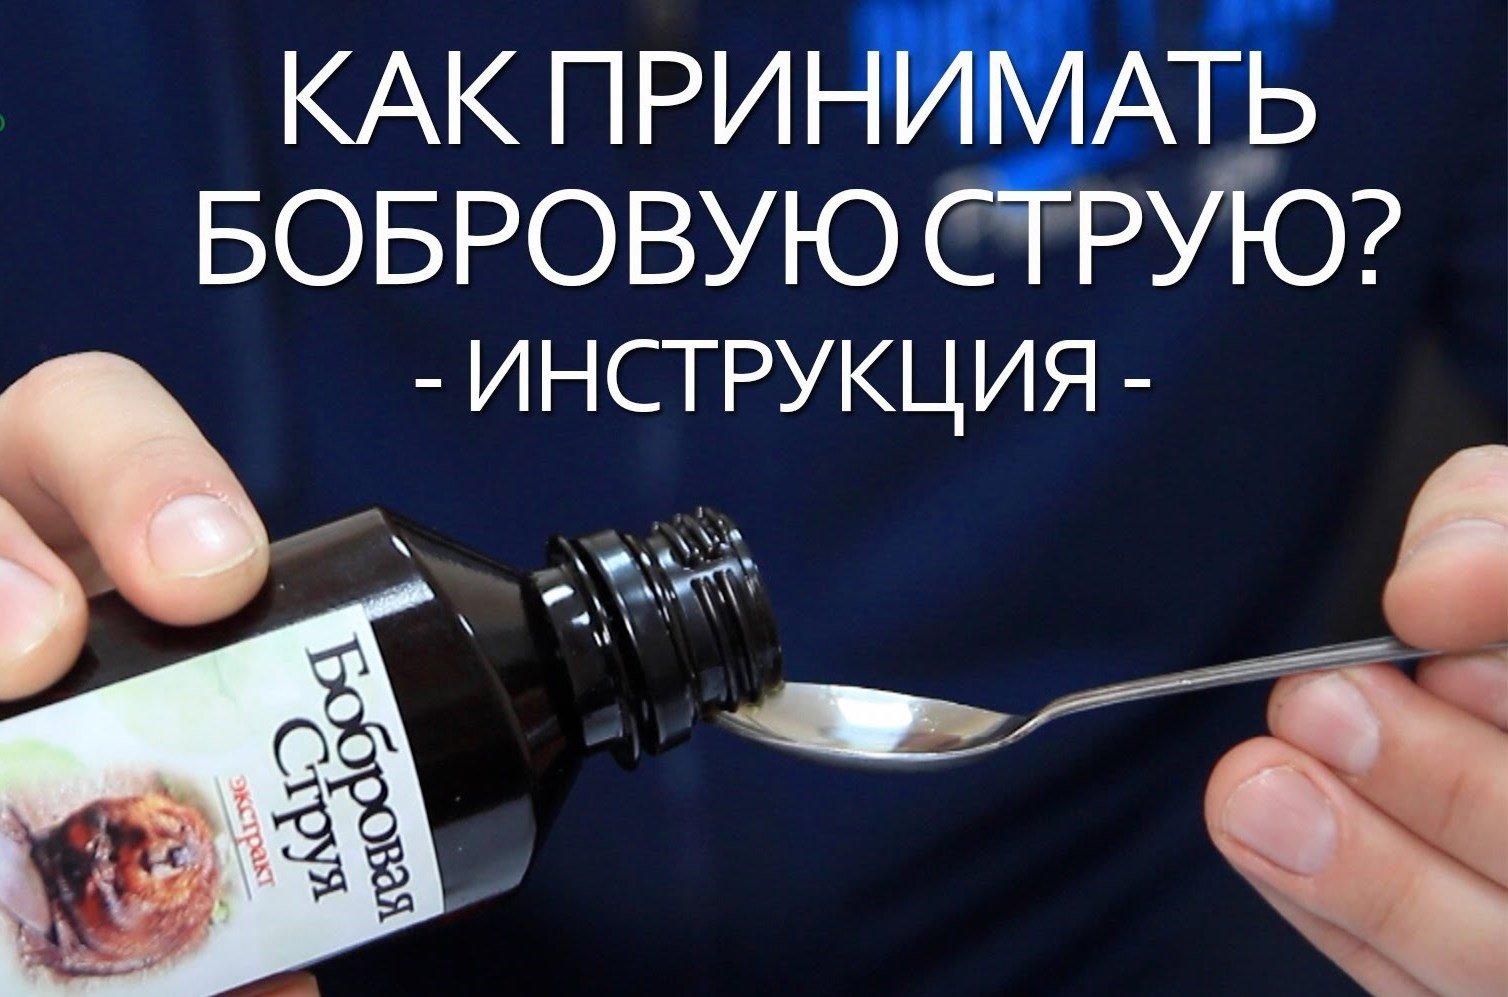 Способ применения и метод употребления струи бобра выбирает каждый самостоятельно